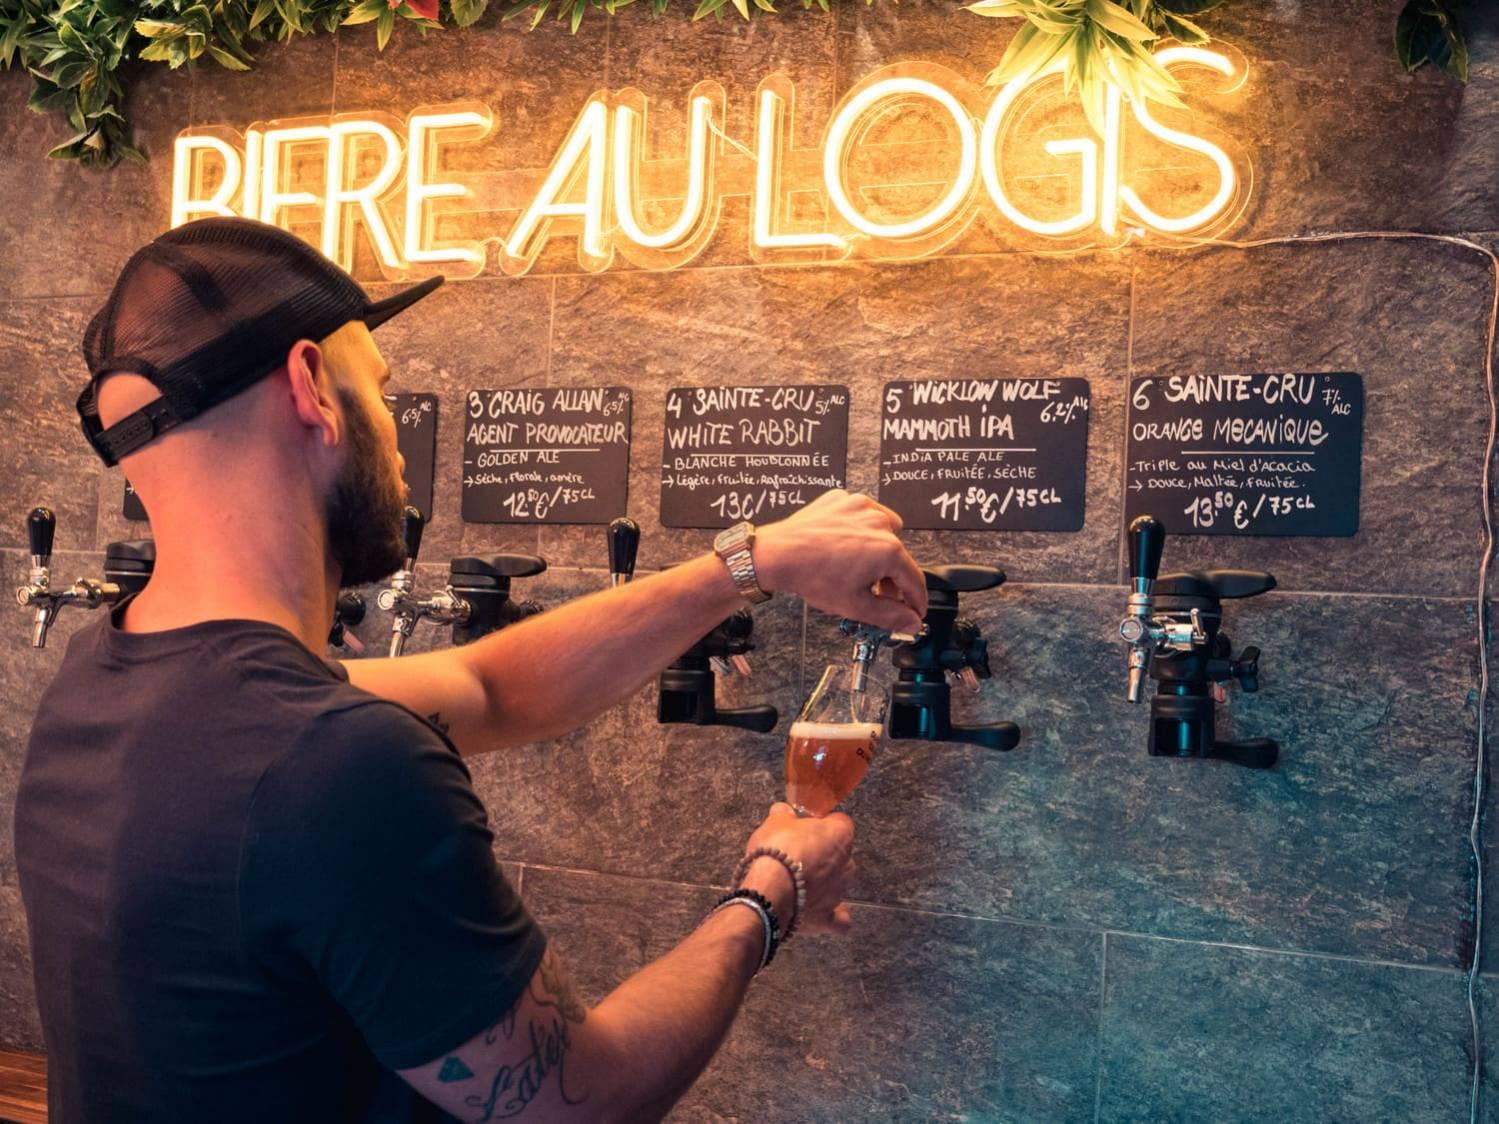 pression à emporter chez Bière au logis